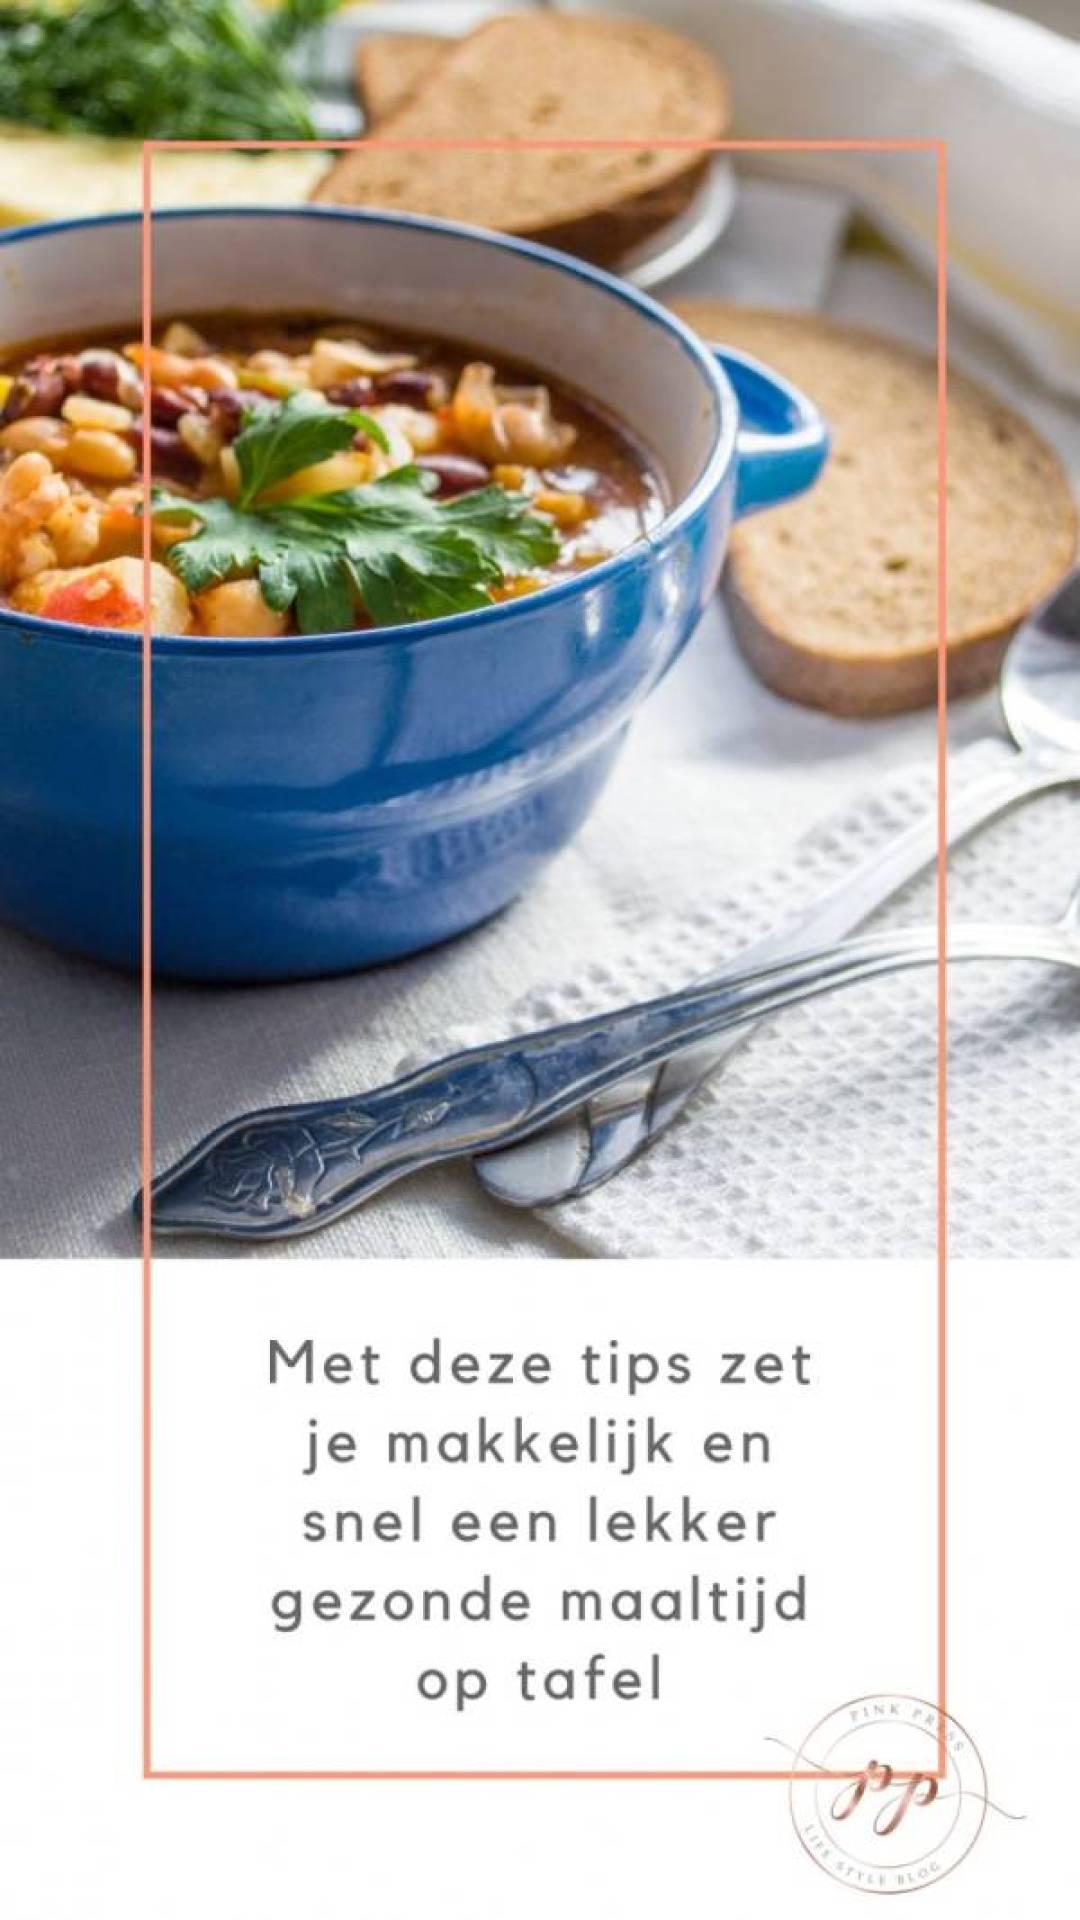 met deze tips maak je snel en gezond een lekkere maaltijd - Met deze tips zet je makkelijk en snel een gezonde maaltijd op tafel